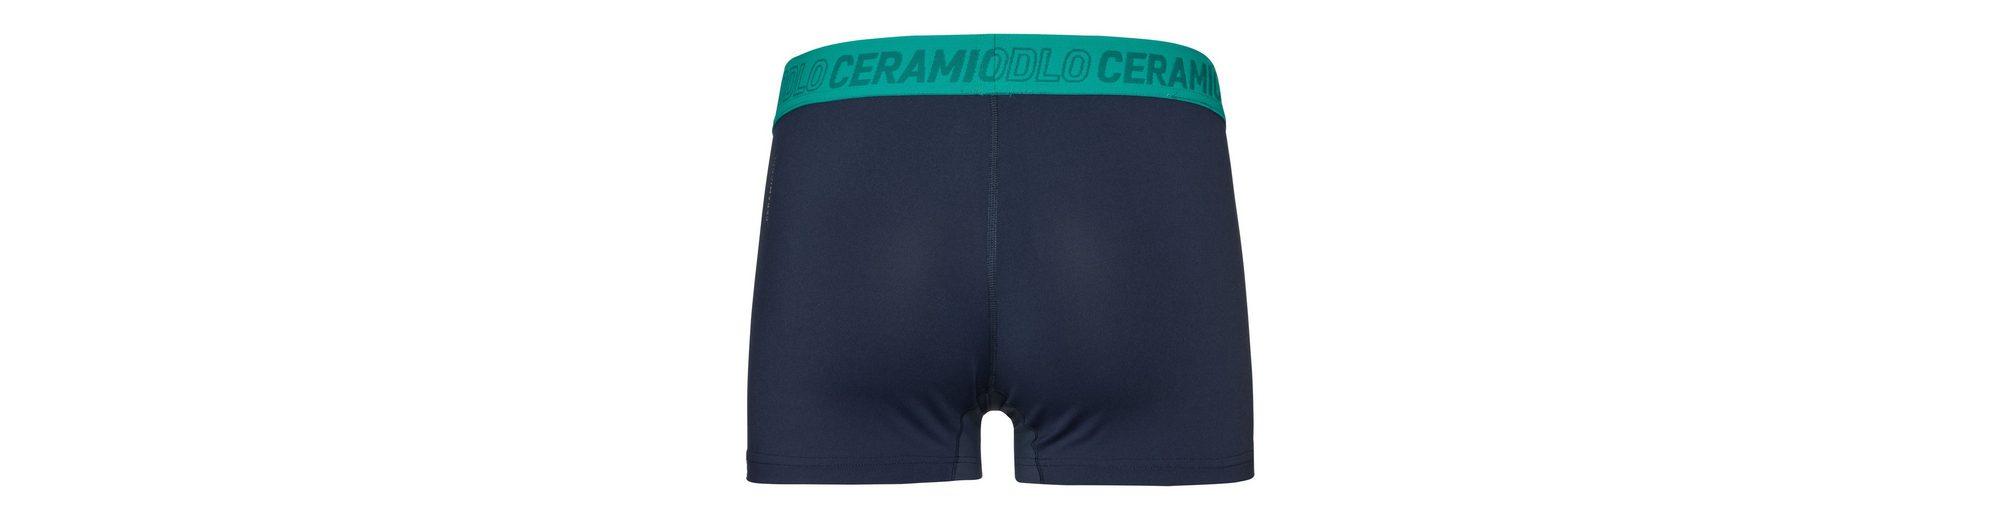 Billig Verkauf 100% Authentisch Odlo Shorts 360391-20377 Ausverkauf Viele Arten Von Günstiger Online vz80T9A